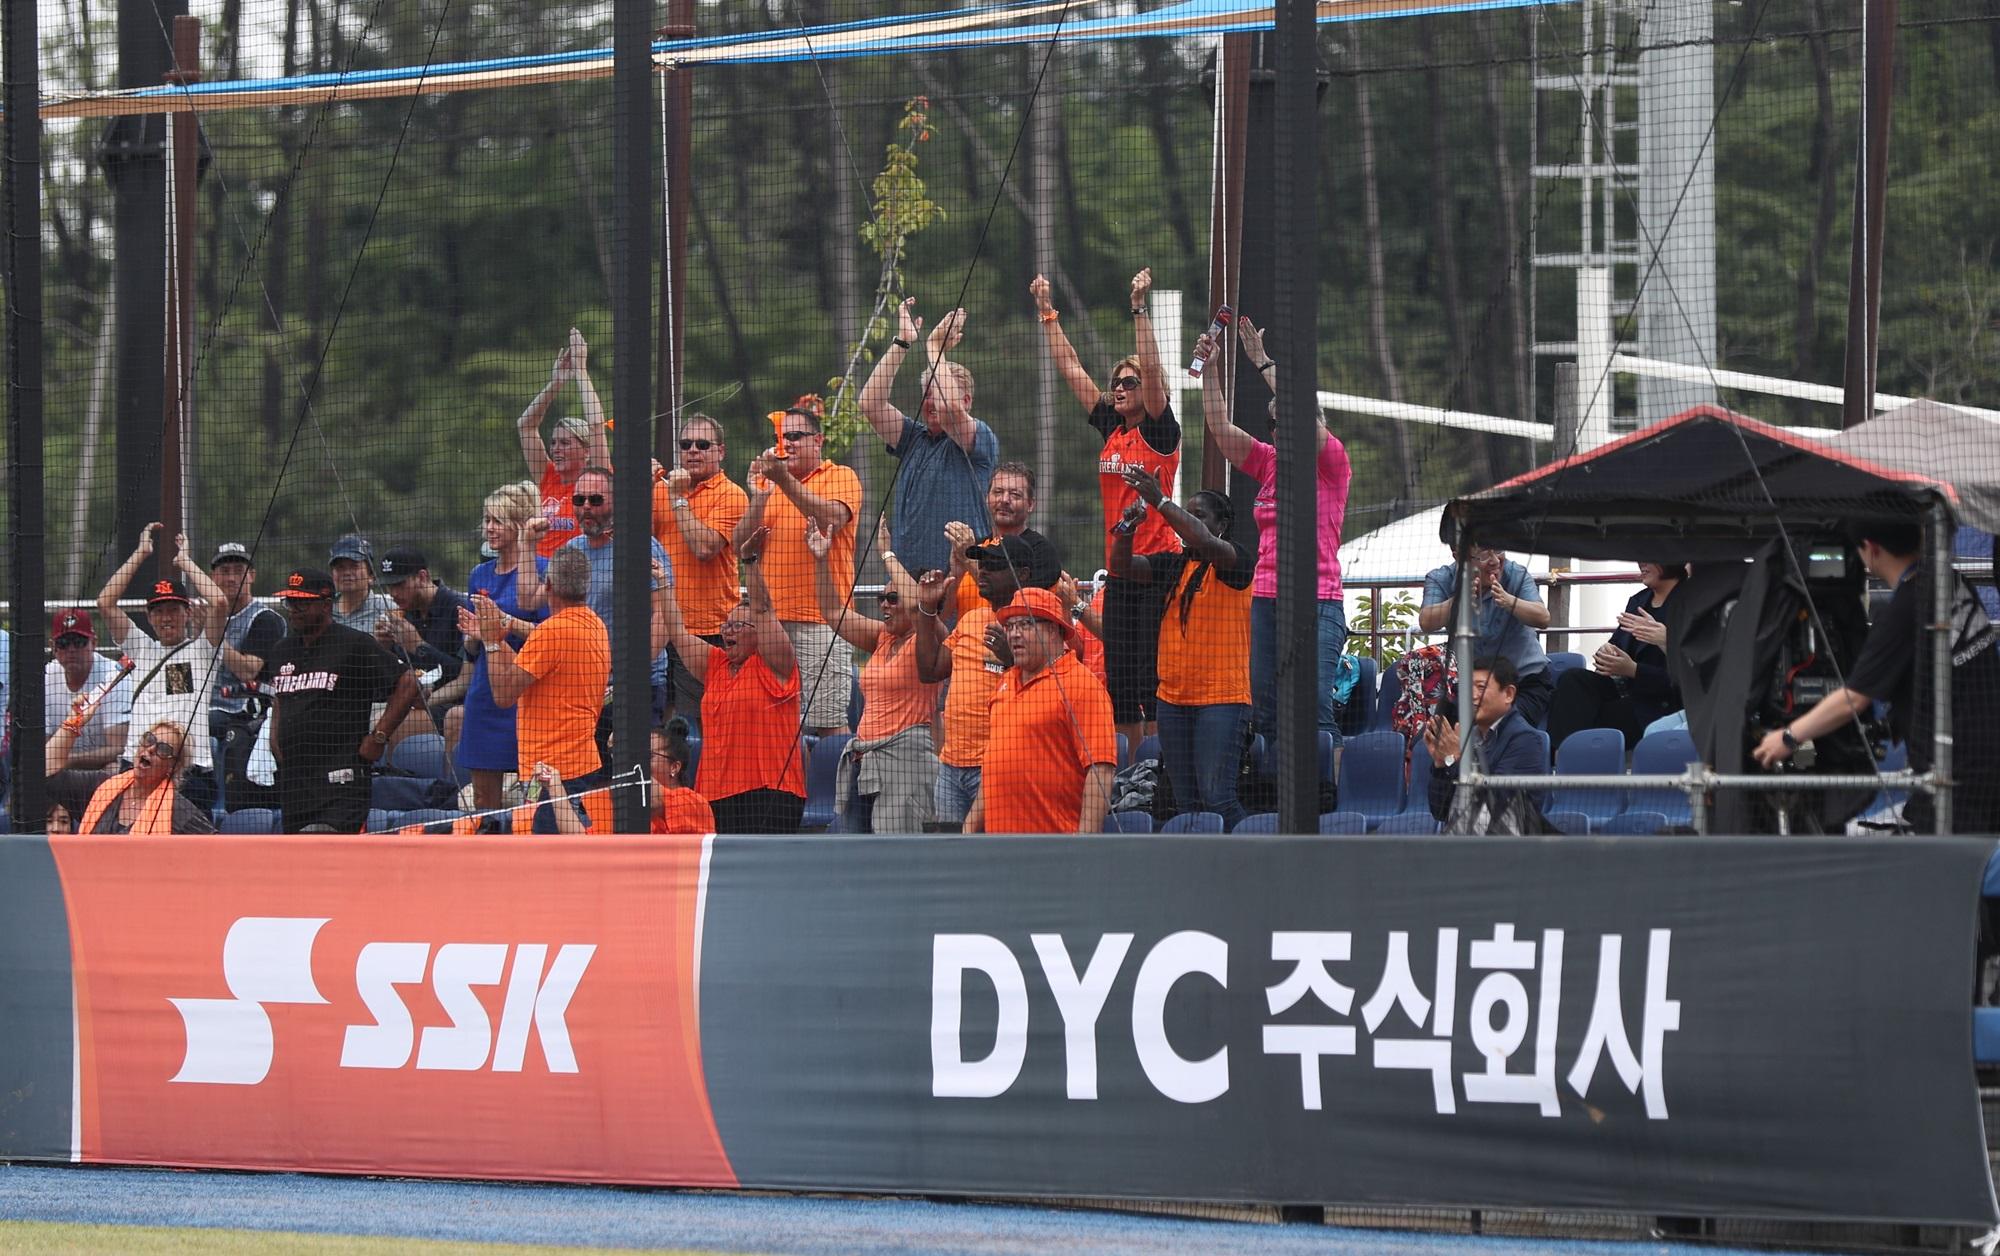 Dutch fans celebrate